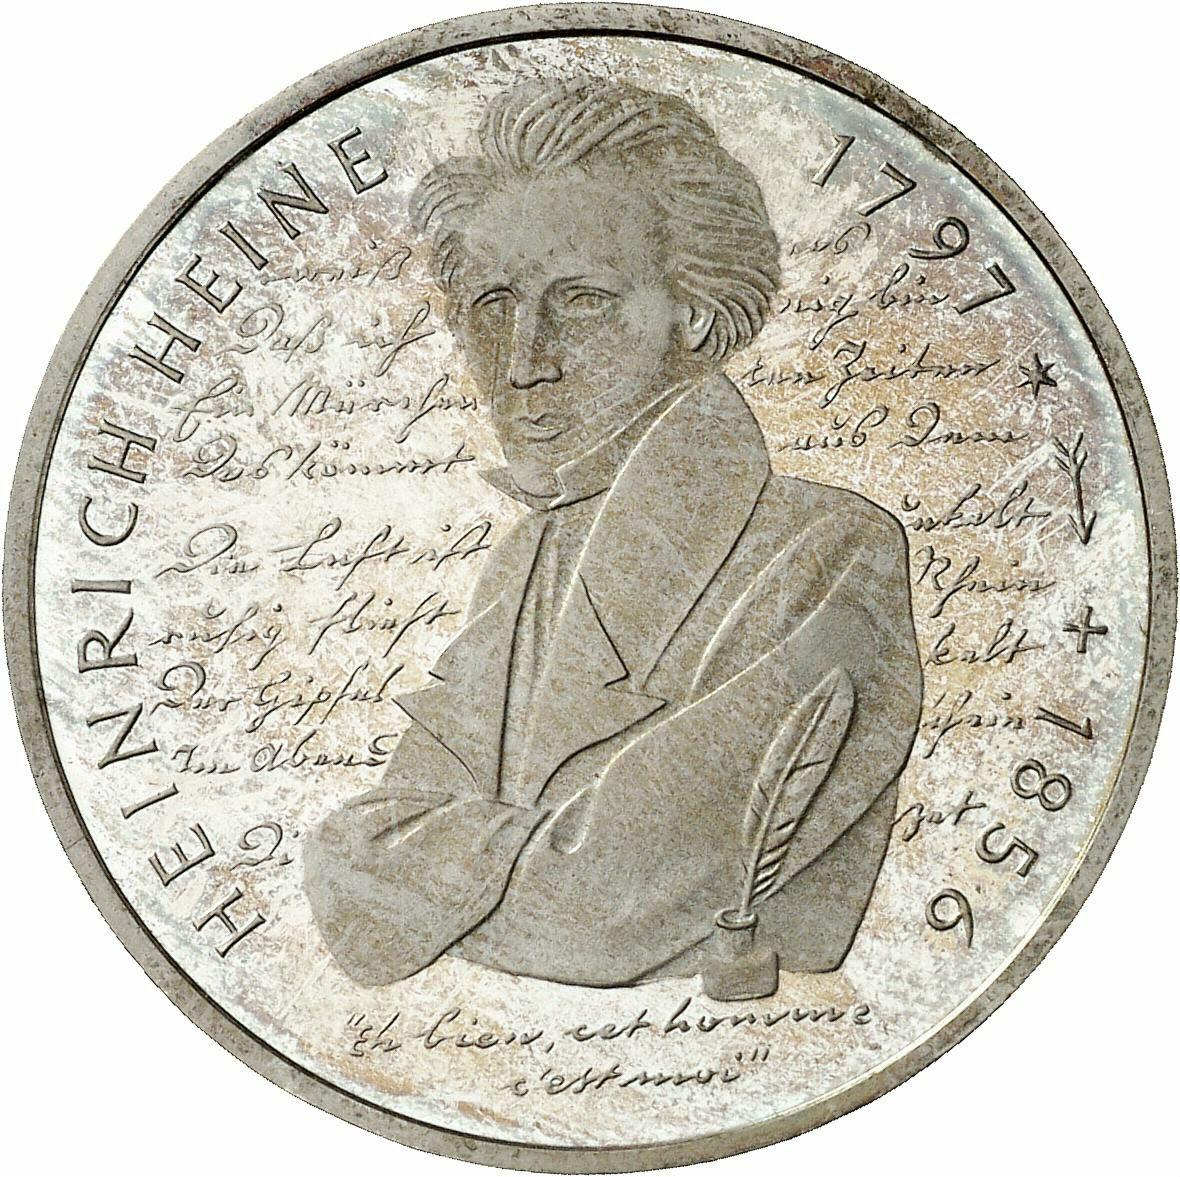 DE 10 Deutsche Mark 1997 G